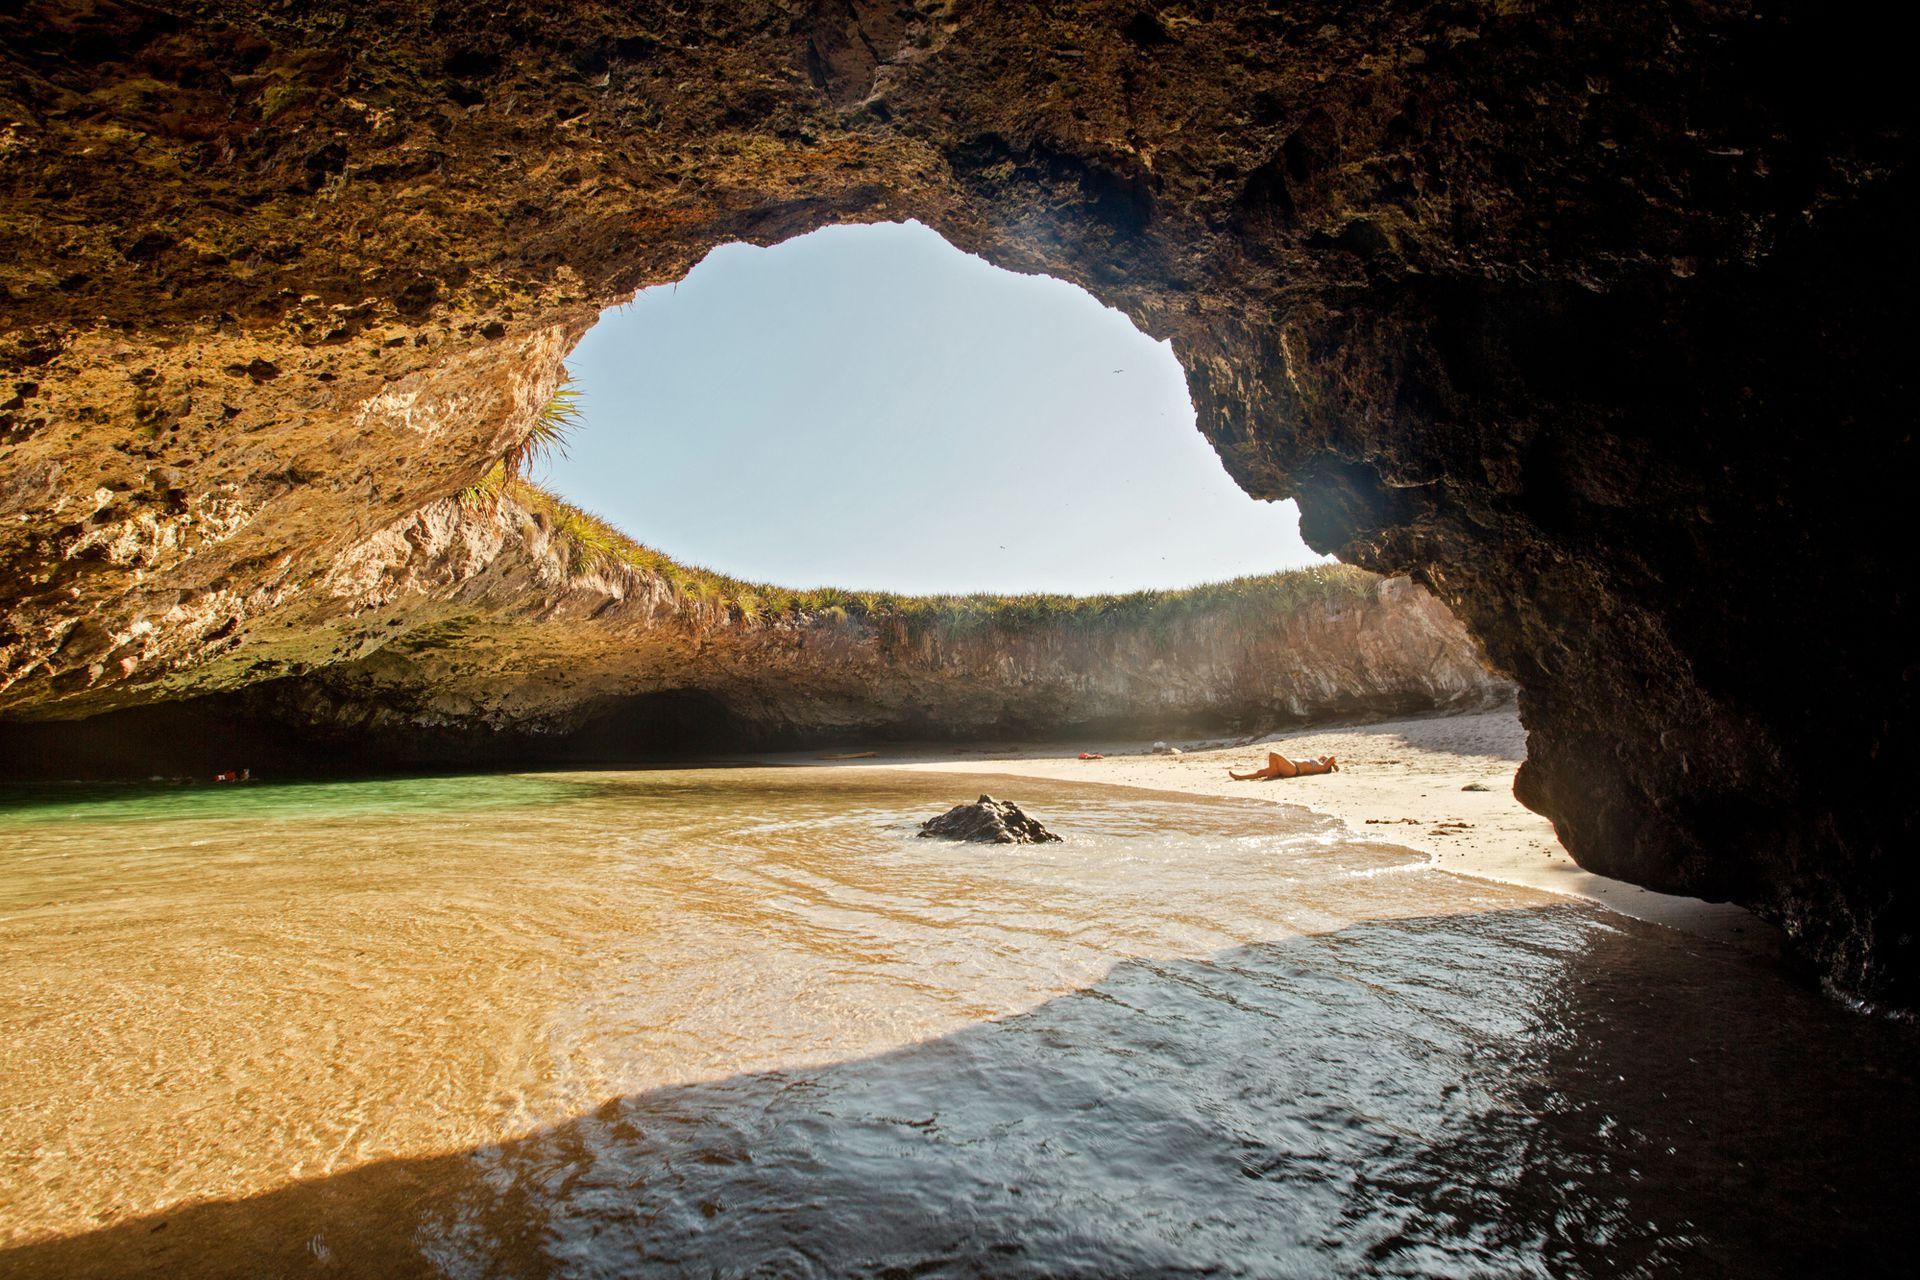 La playa del Amor, tesoro de las Islas Marietas.